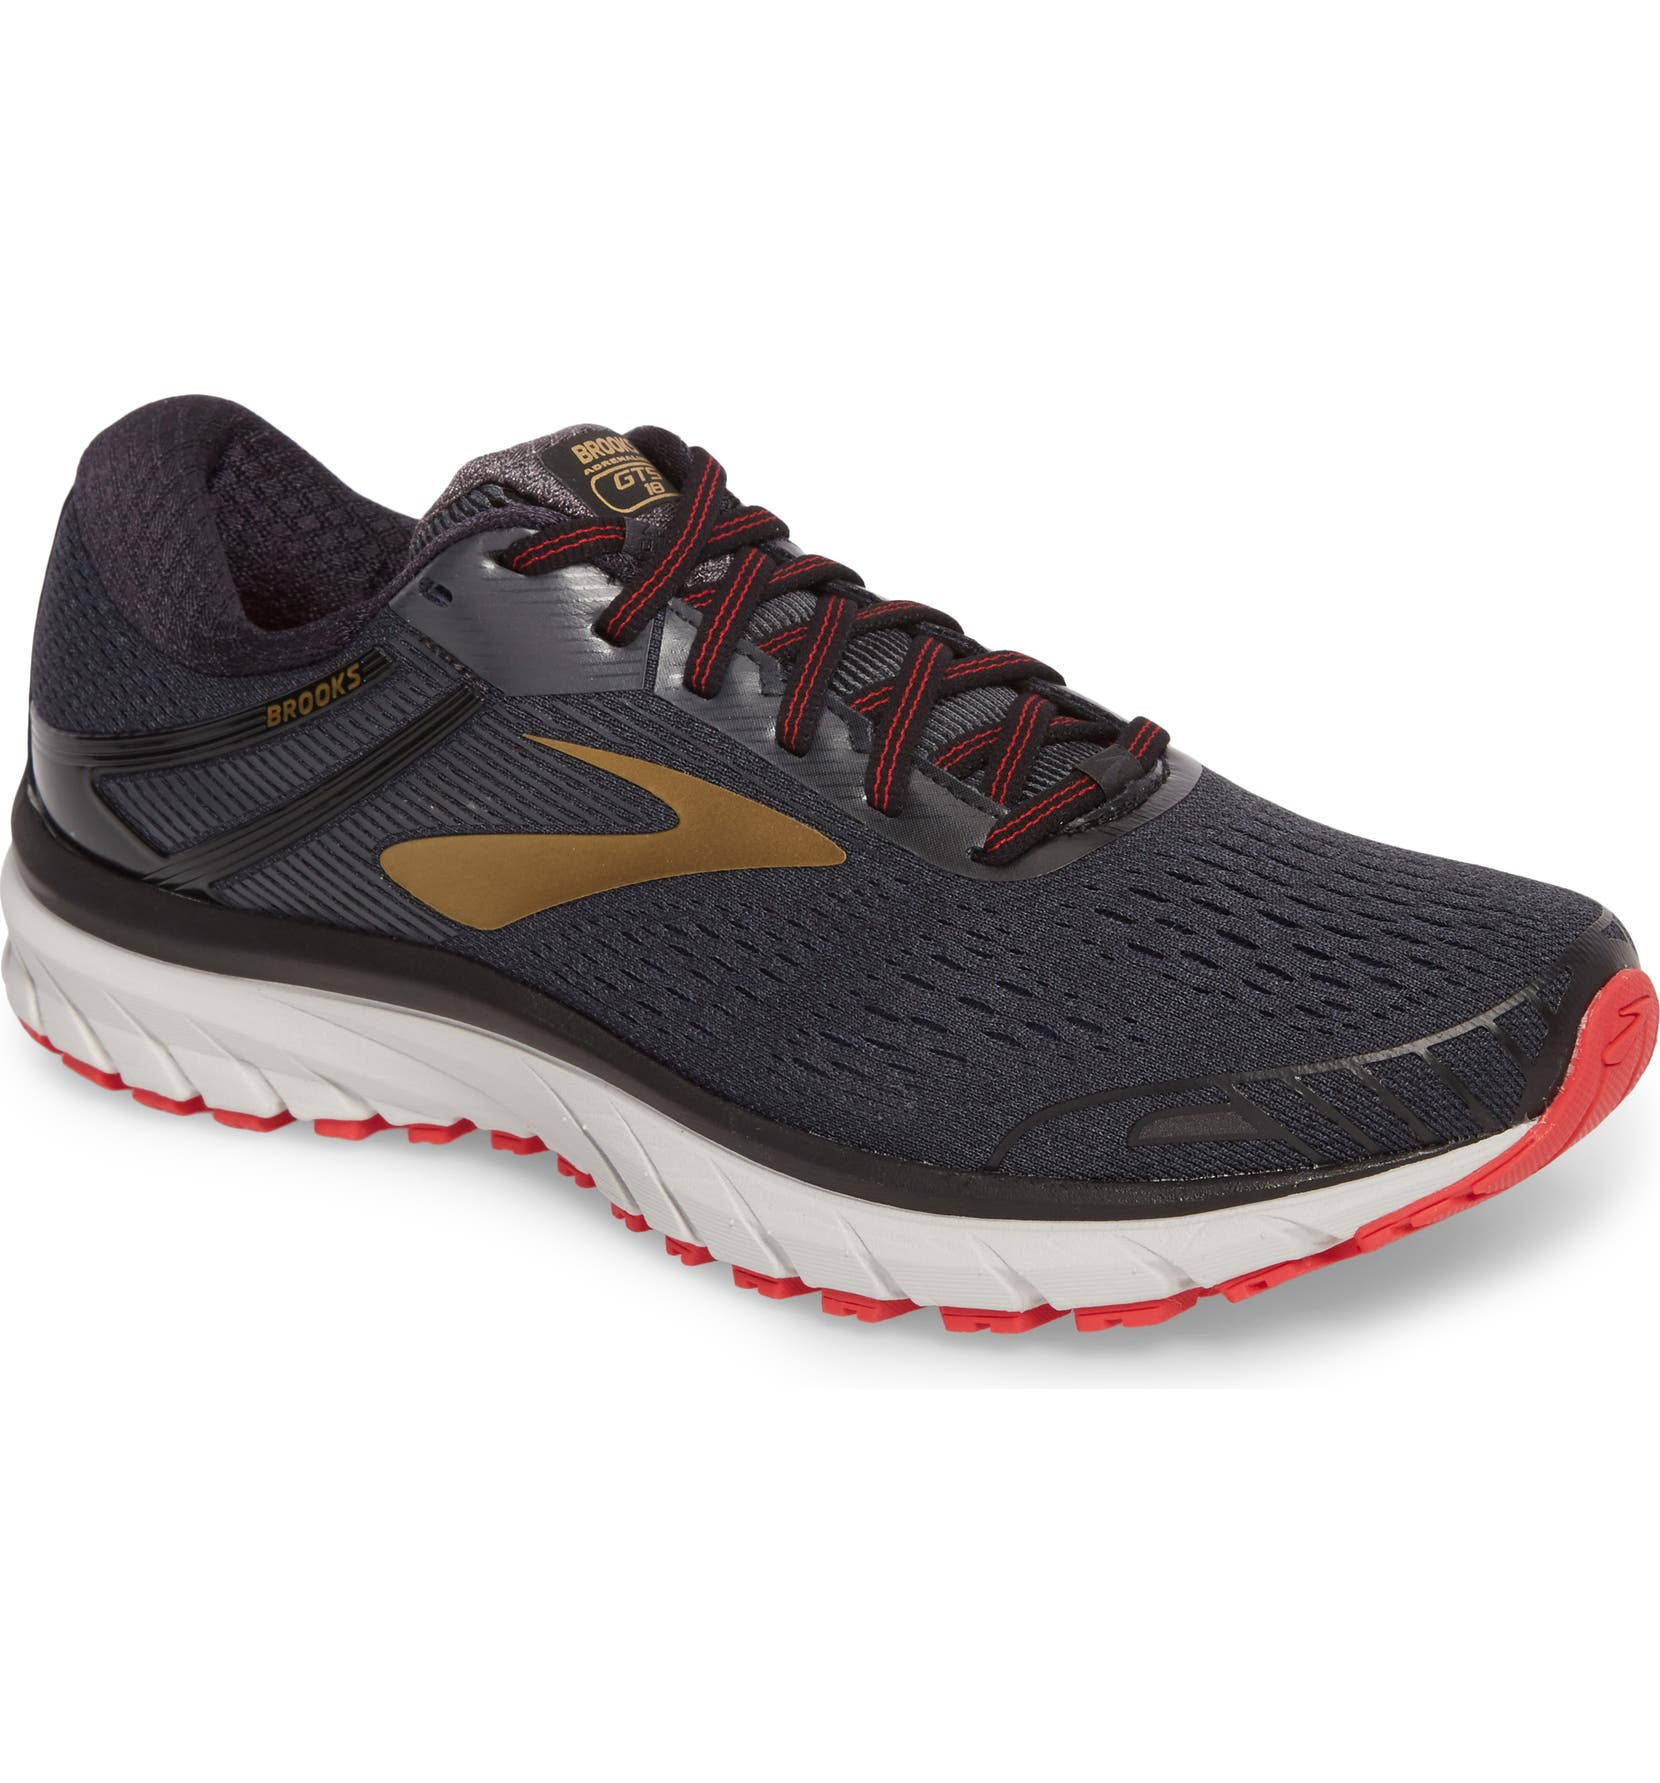 da81ba0d0b8 Brooks Adrenaline GTS 18 Running Shoe (Men)